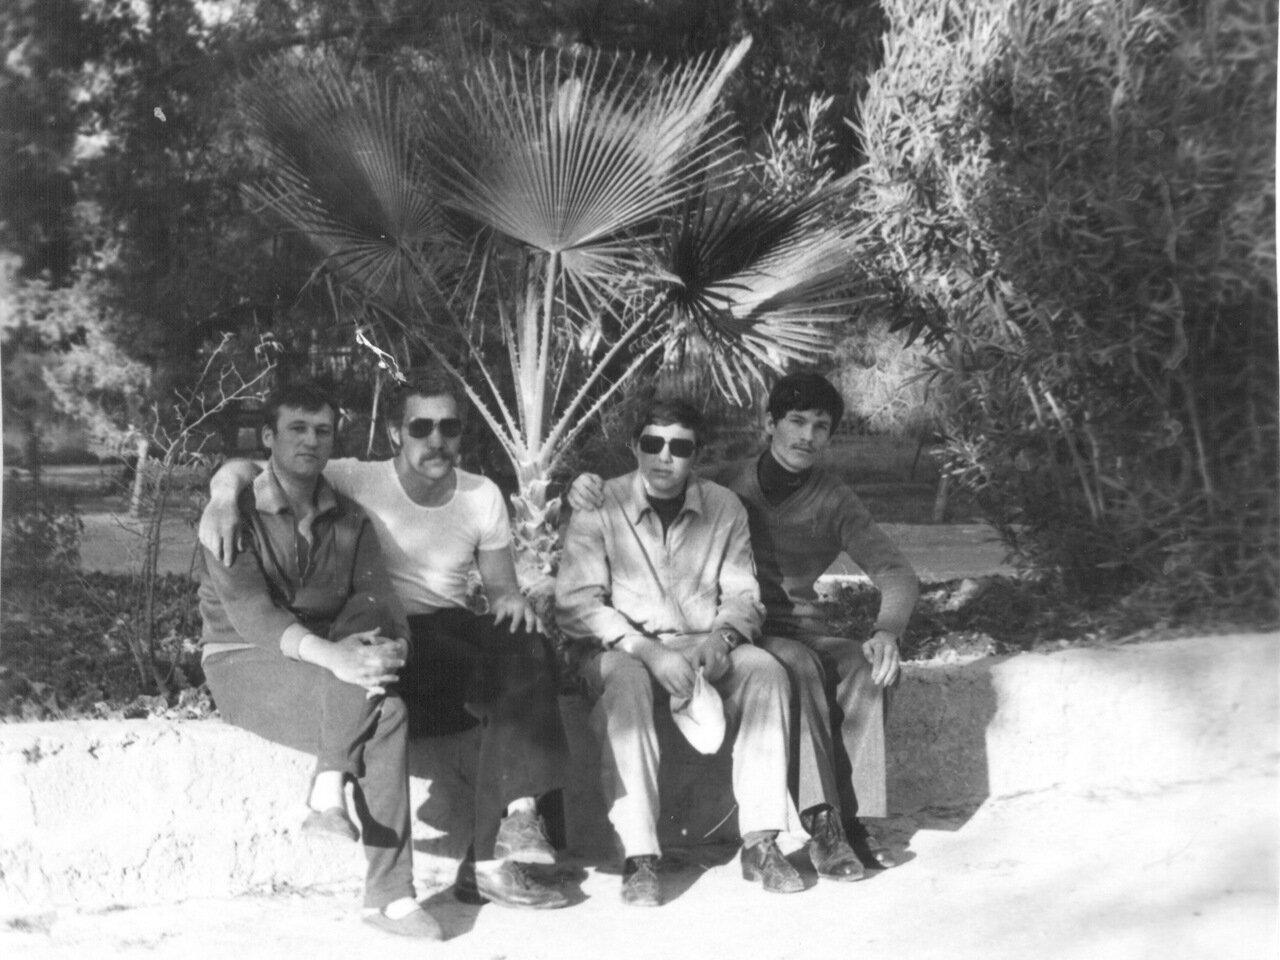 1980. Сирия. Фещенко, техник, Букатин, переводчик